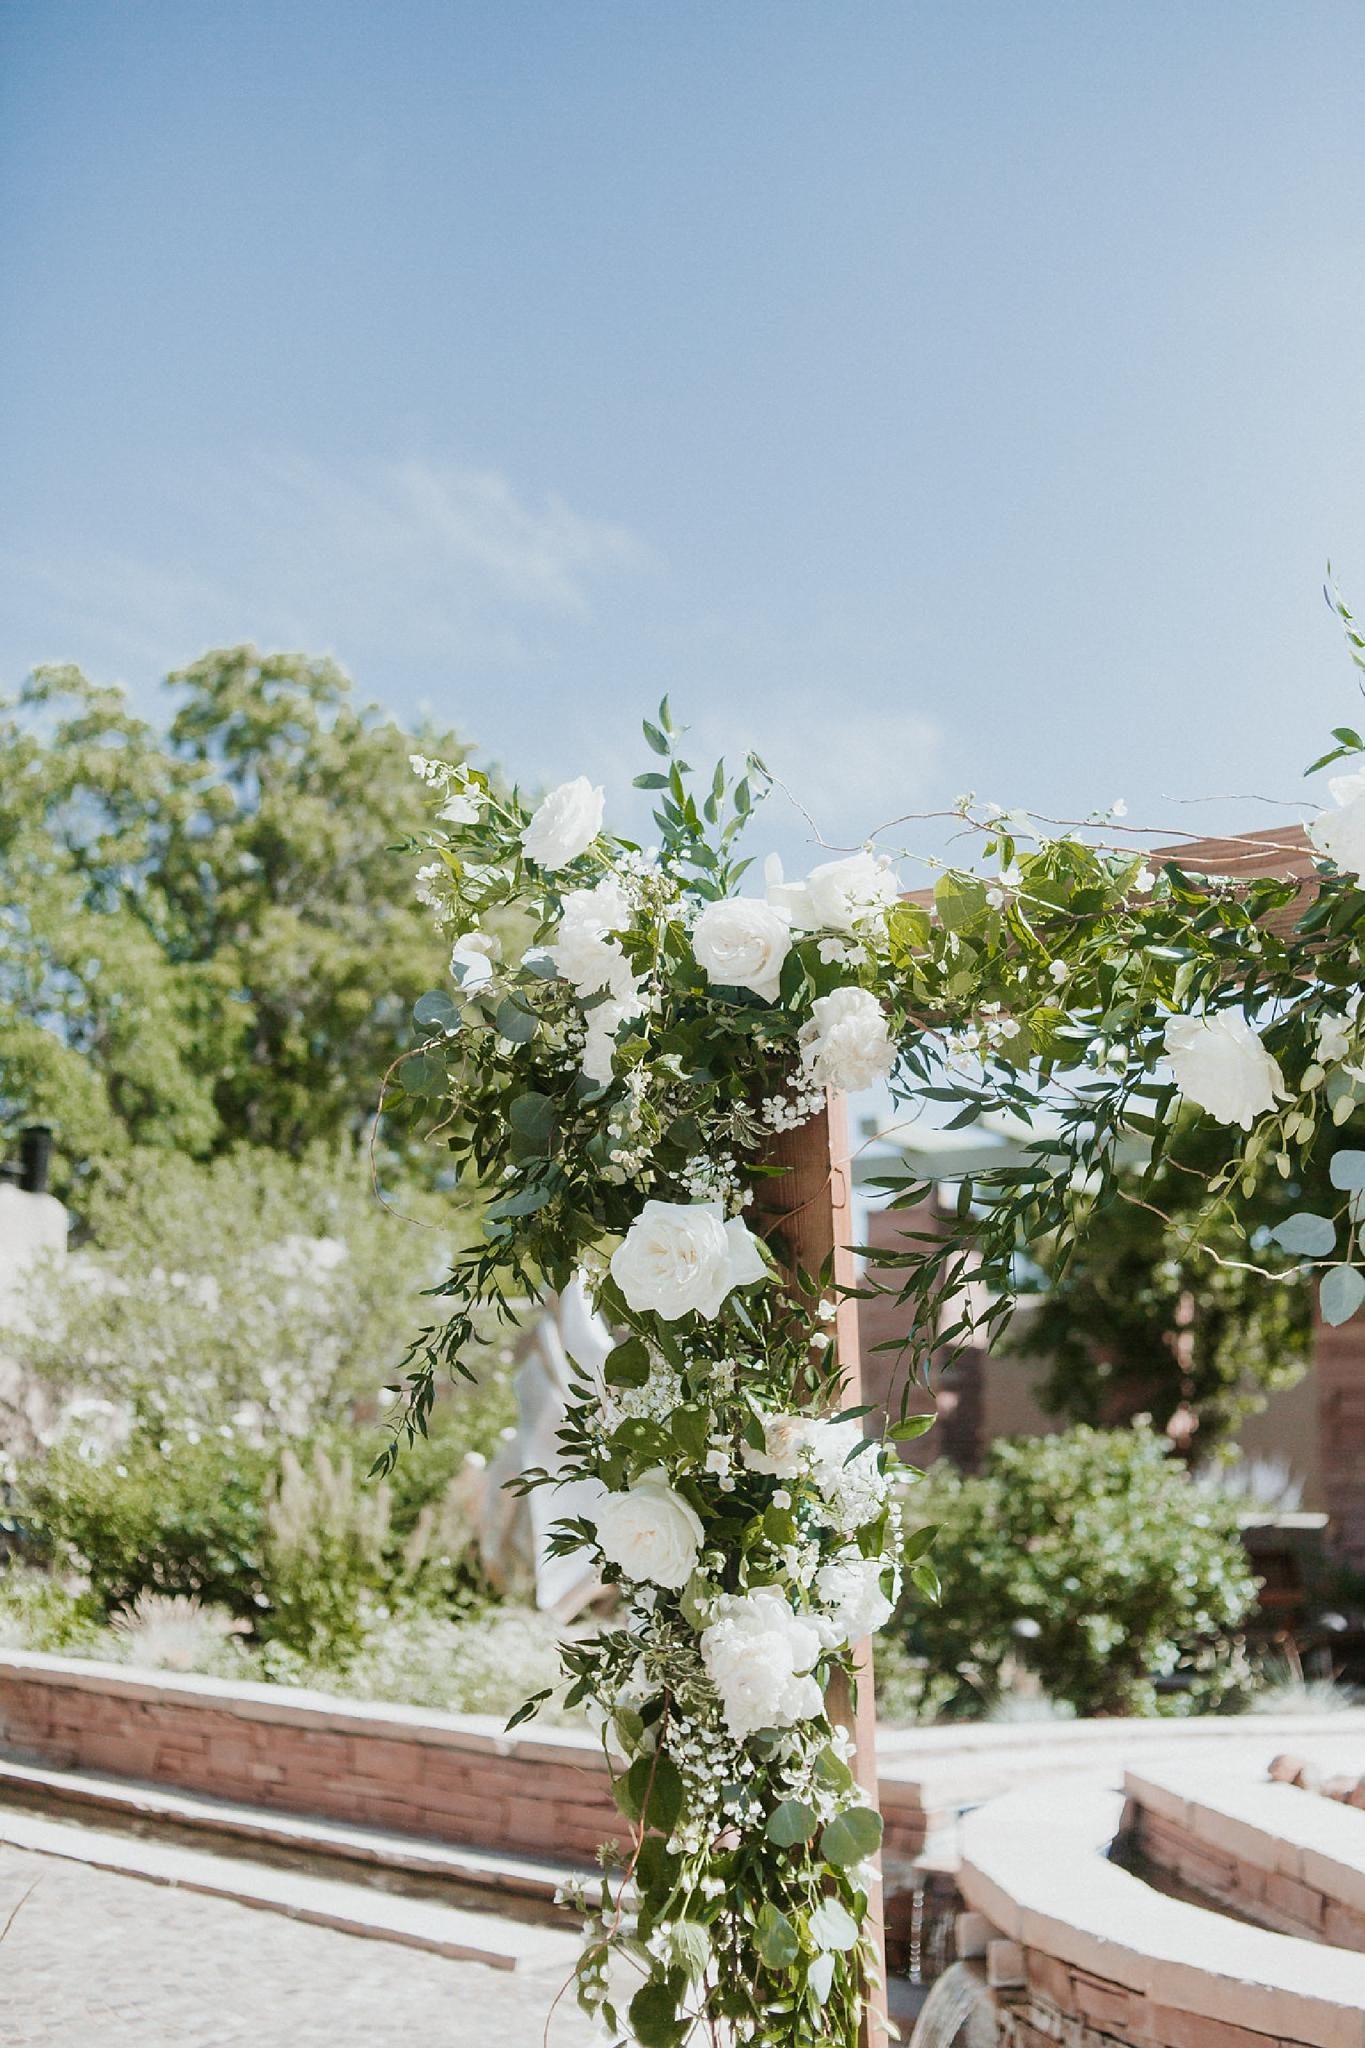 Alicia+lucia+photography+-+albuquerque+wedding+photographer+-+santa+fe+wedding+photography+-+new+mexico+wedding+photographer+-+wedding+ceremony+-+wedding+alter+-+floral+alter_0015.jpg